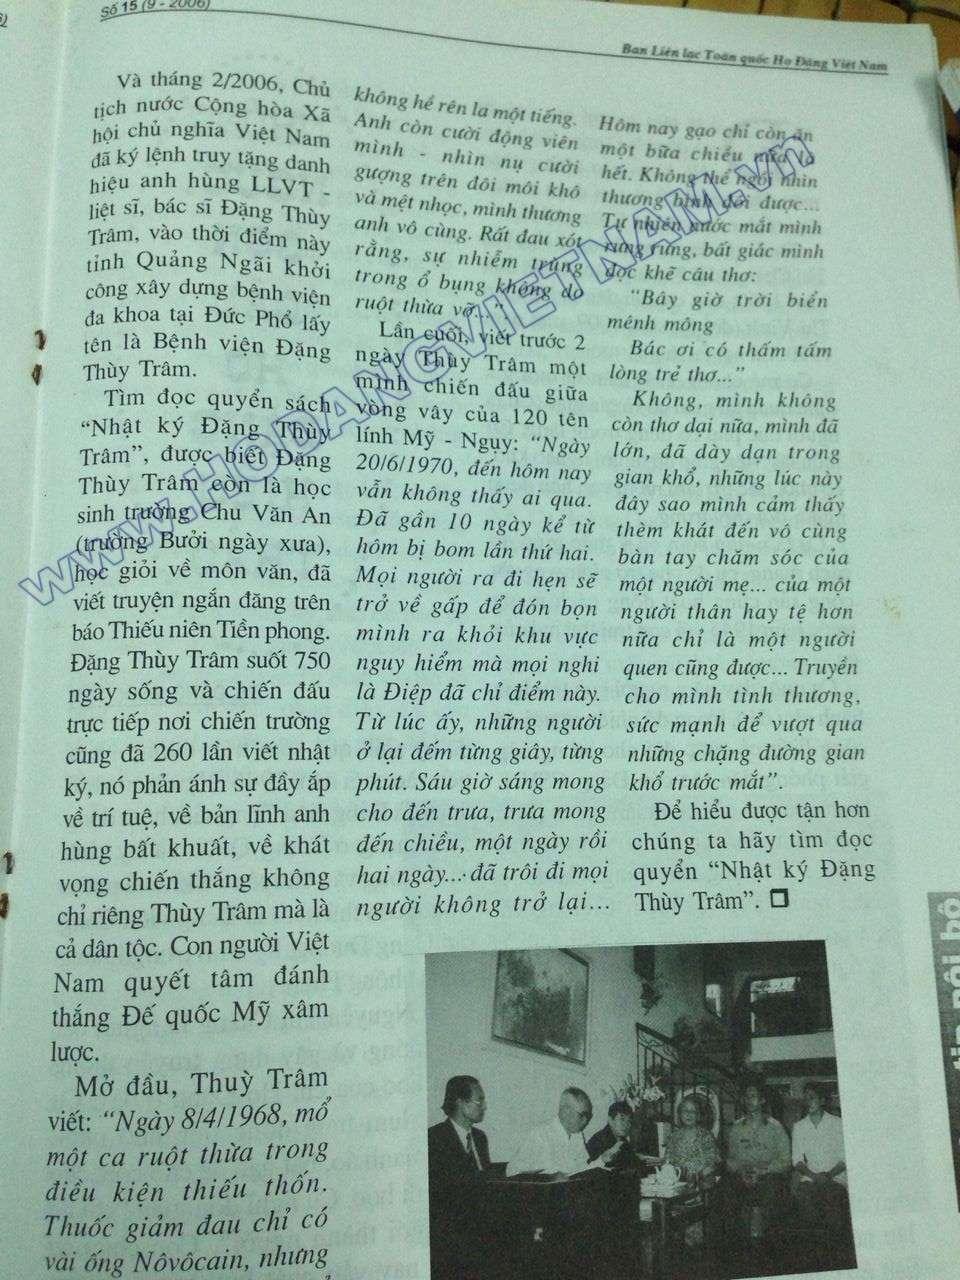 Thế kỉ 20, người con gái họ Đặng - Bác sĩ Đặng Thùy Trâm B10